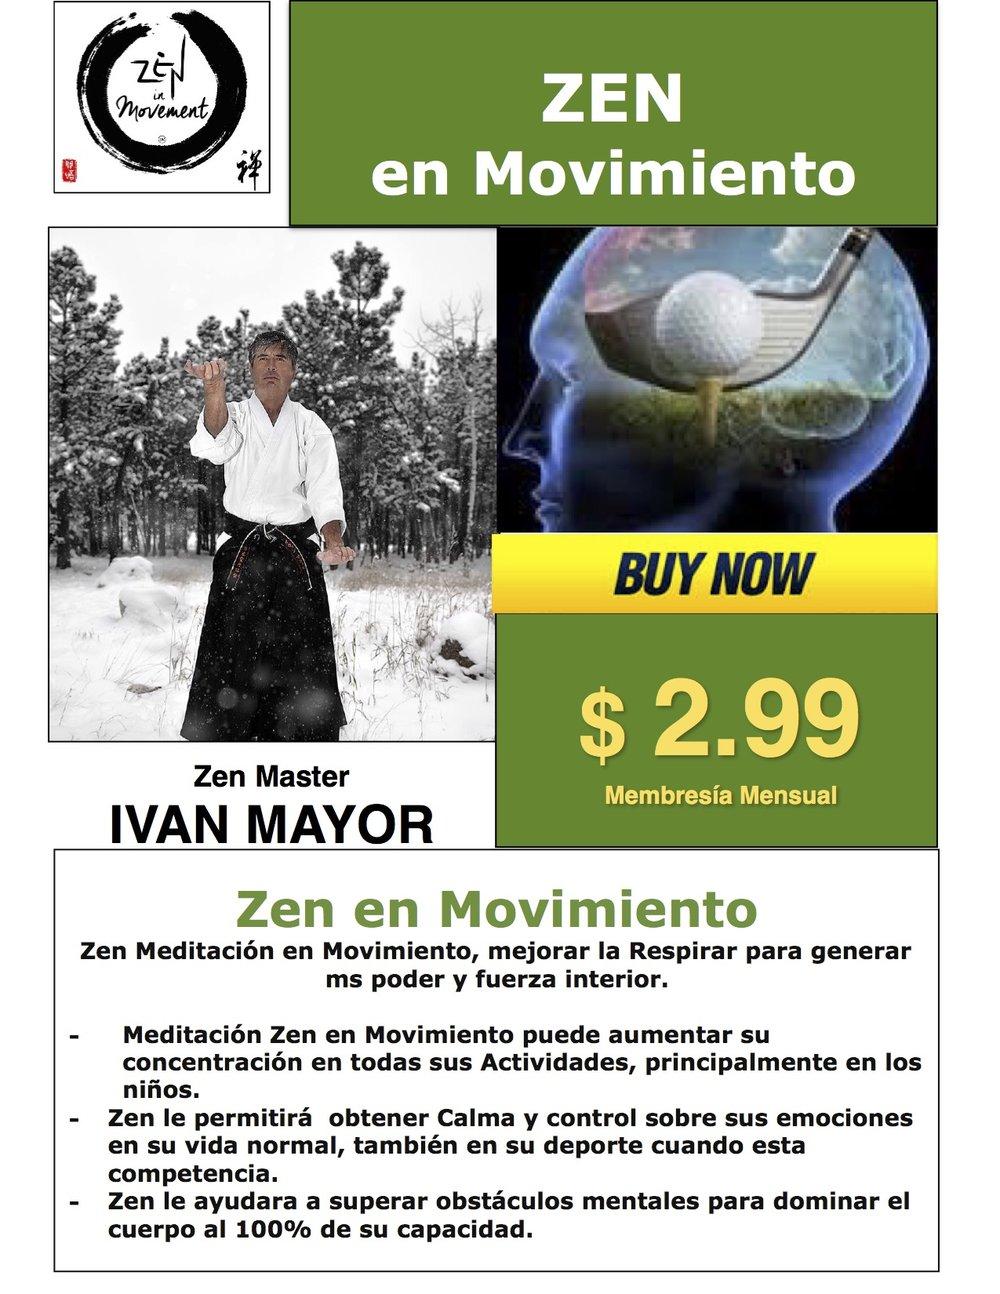 Zen Compre por 2,99 .jpg